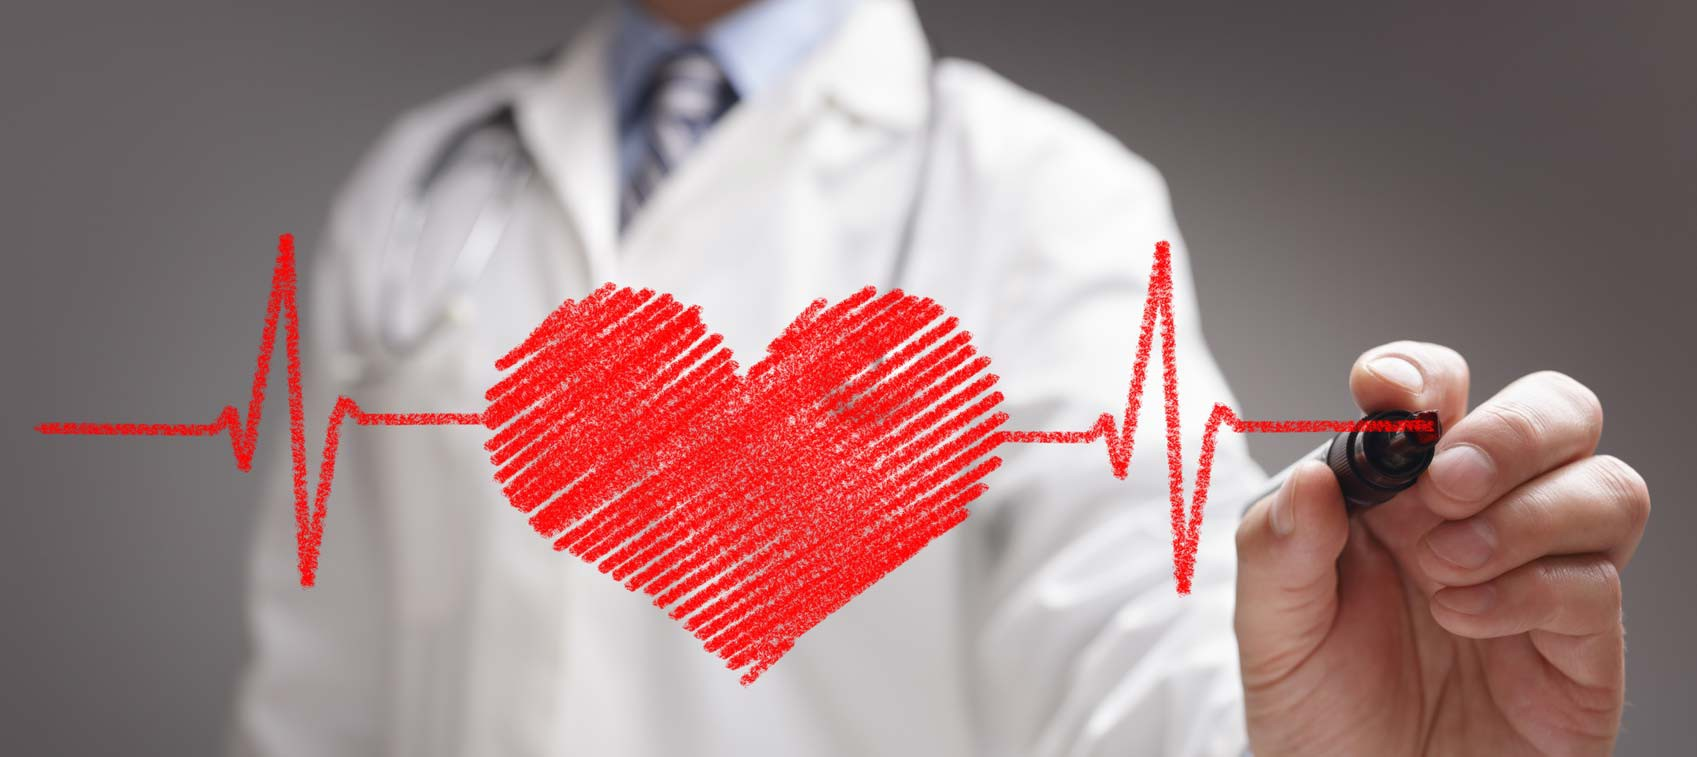 Bệnh thấp tim: Nguyên nhân và triệu chứng điển hình - Ảnh 3.